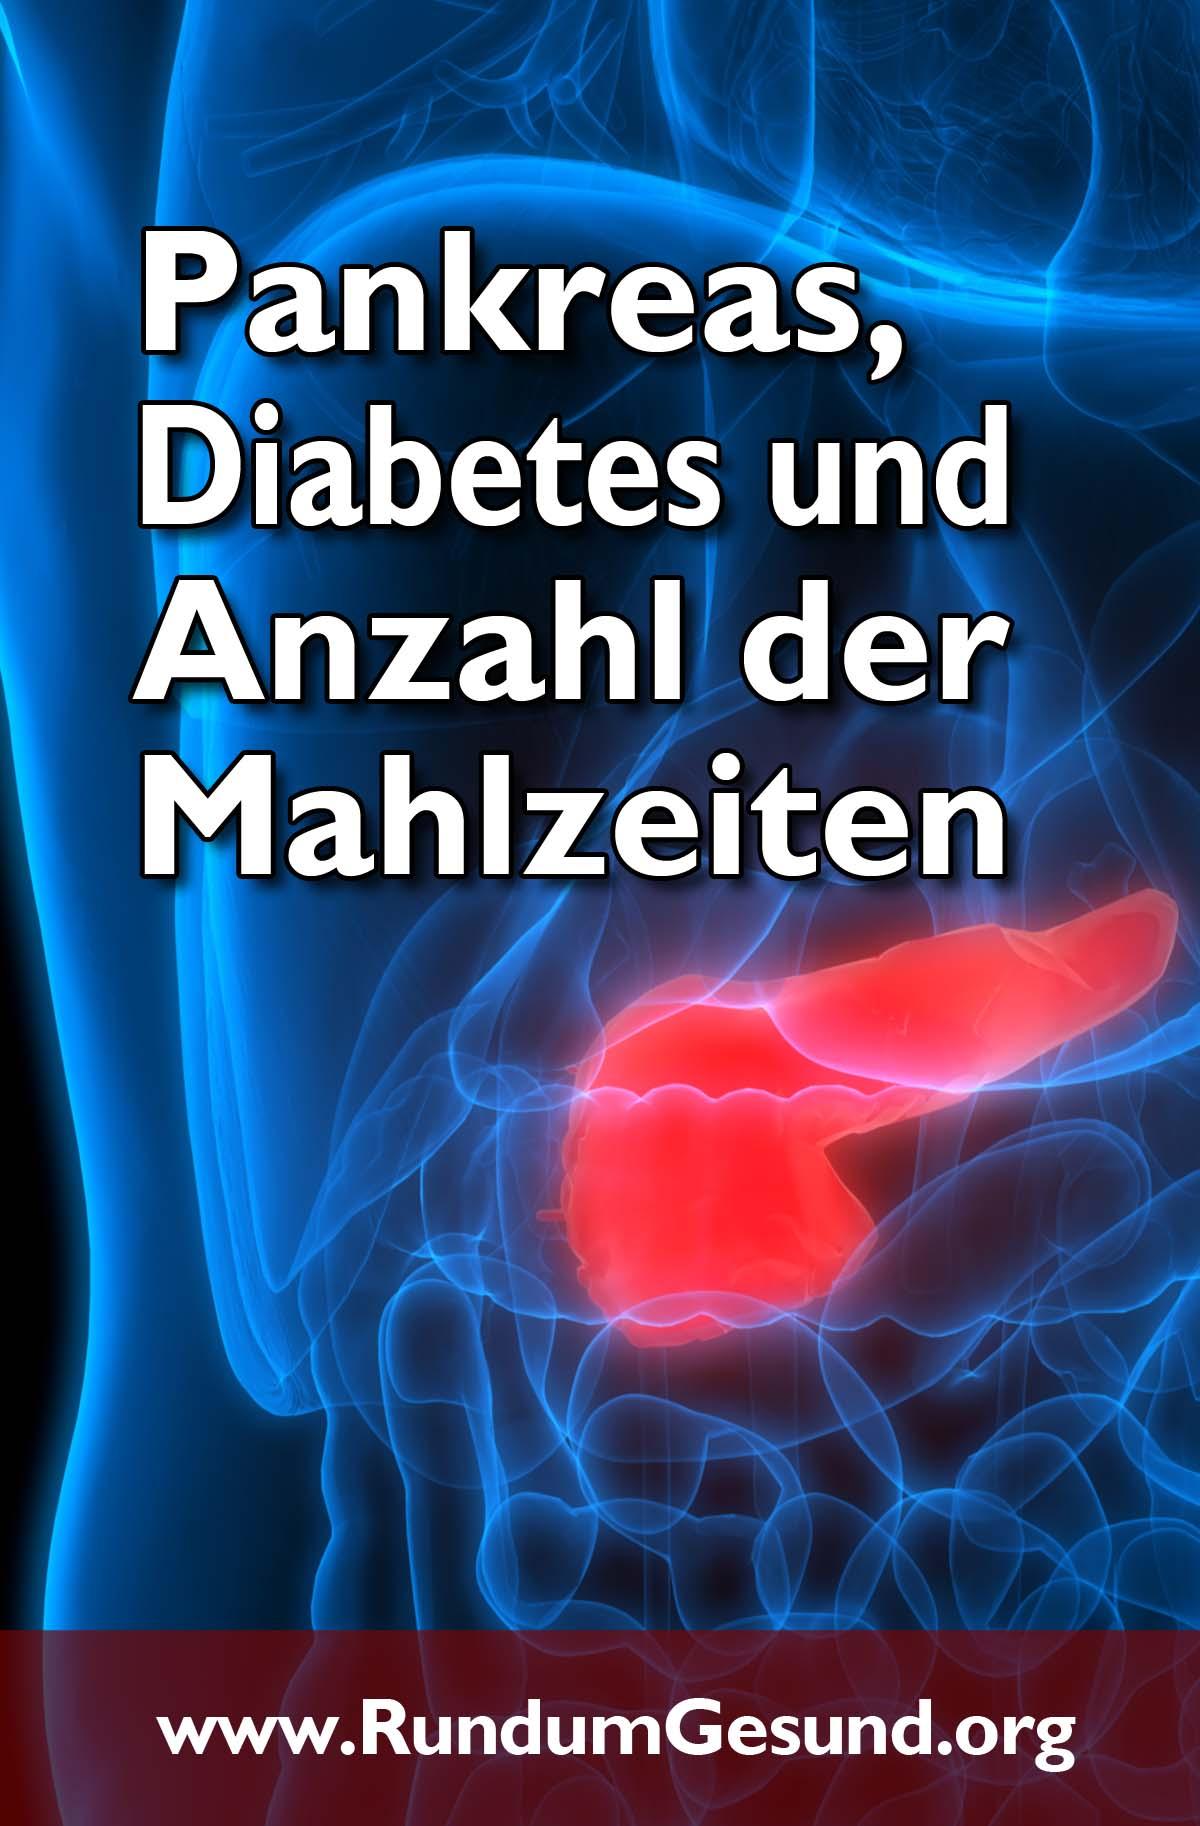 Pankreas, Diabetes und Anzahl der Mahlzeiten